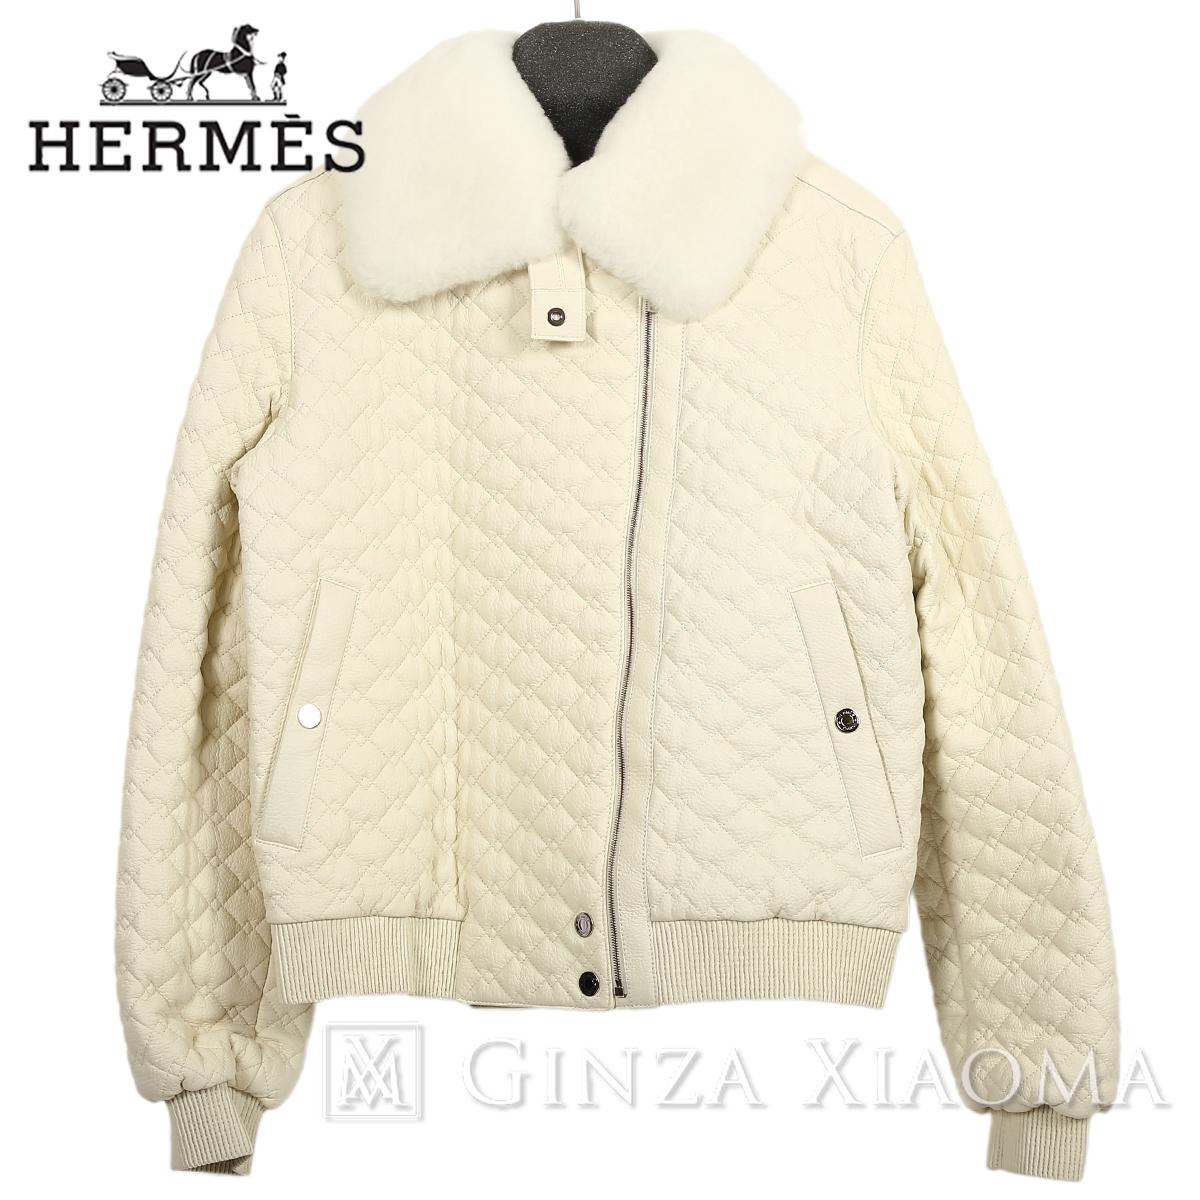 【未使用】HERMES エルメス アウター ムートンジャケット ポリエステル コットン 鹿 羊革 リアルファー ホワイト